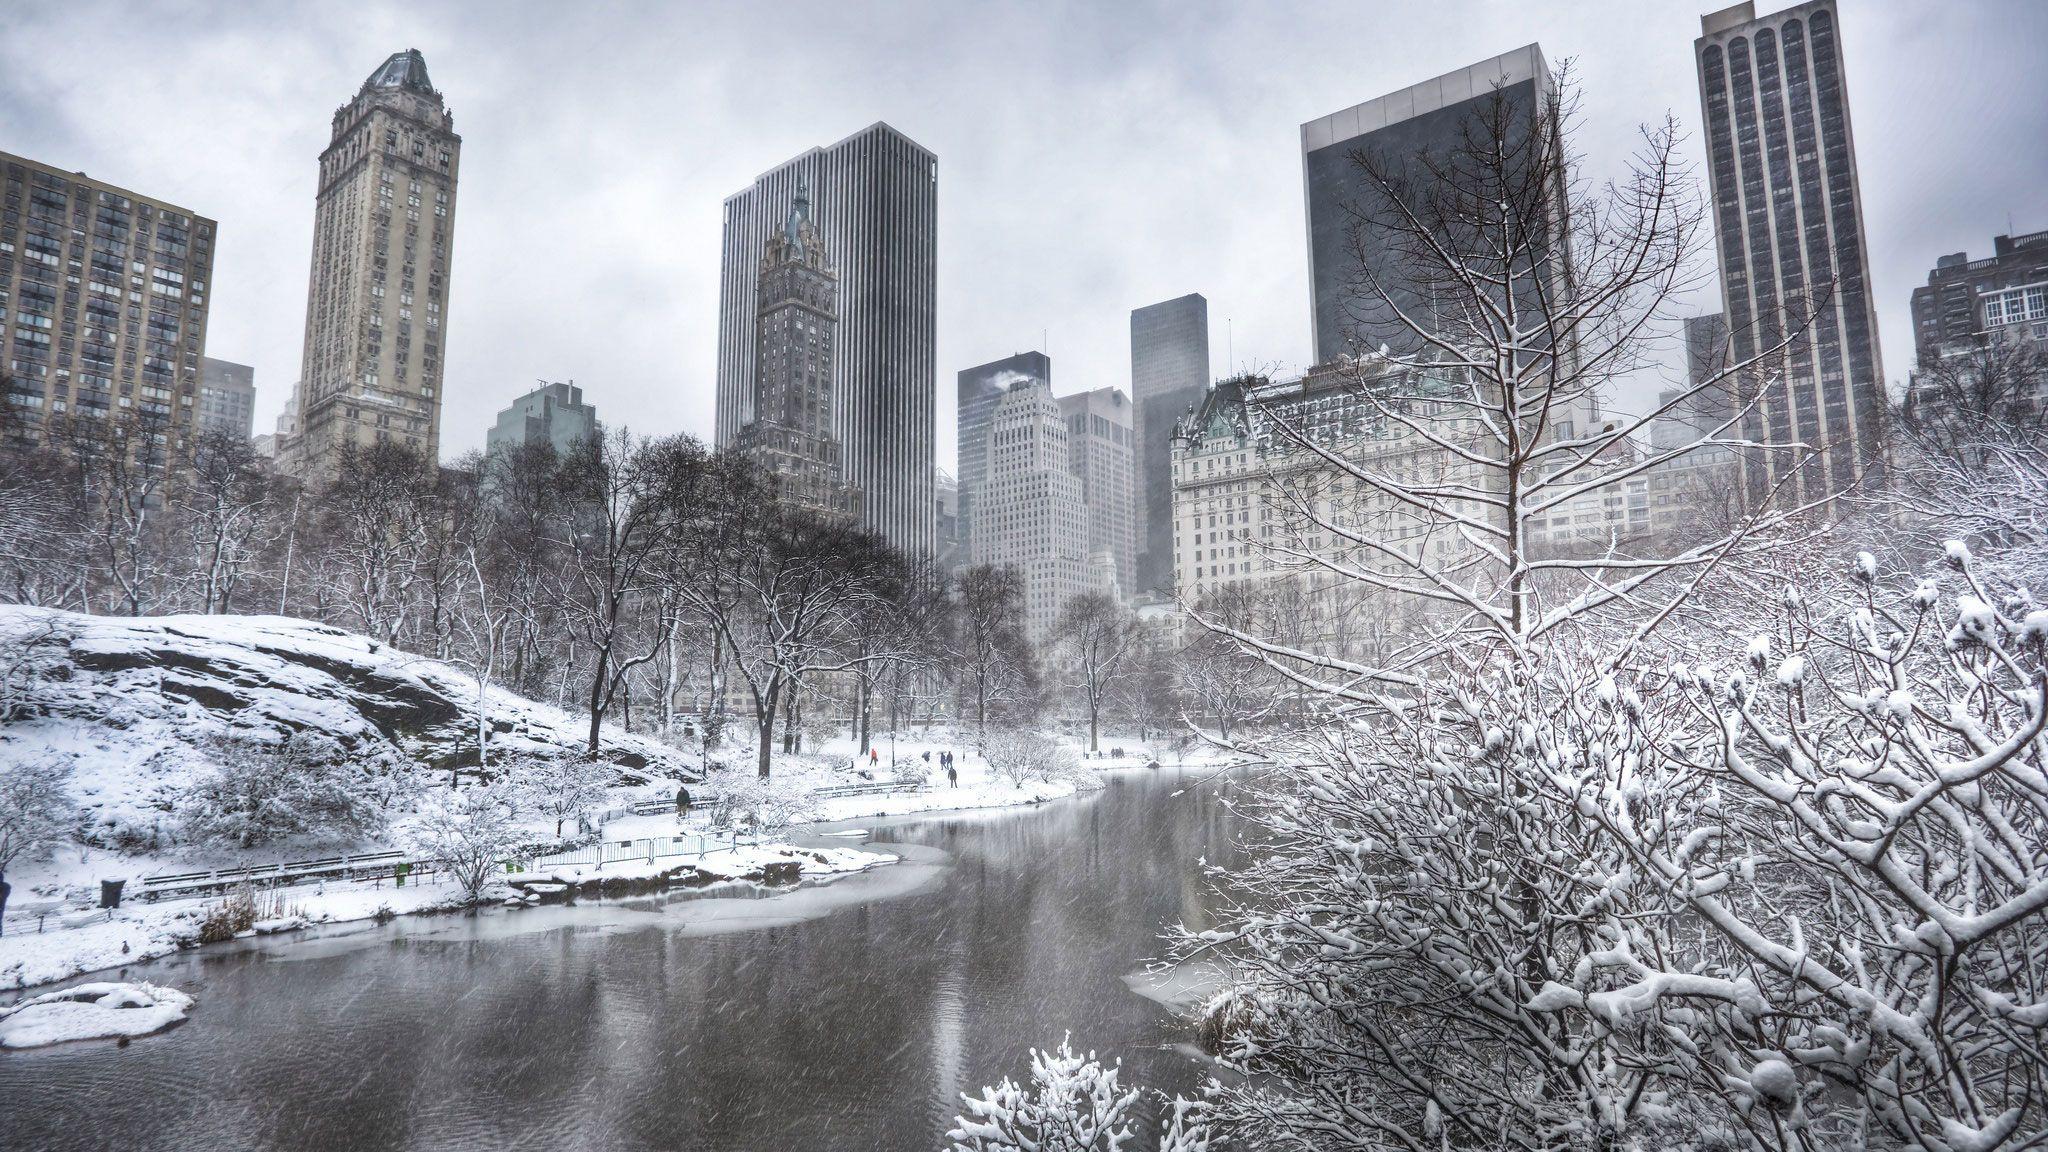 Wa11papers Ru Cities Winter 15 12 2013 2048x1152 021 Jpg 2048 1152 Central Park Manhattan New York Wallpaper Winter Wallpaper